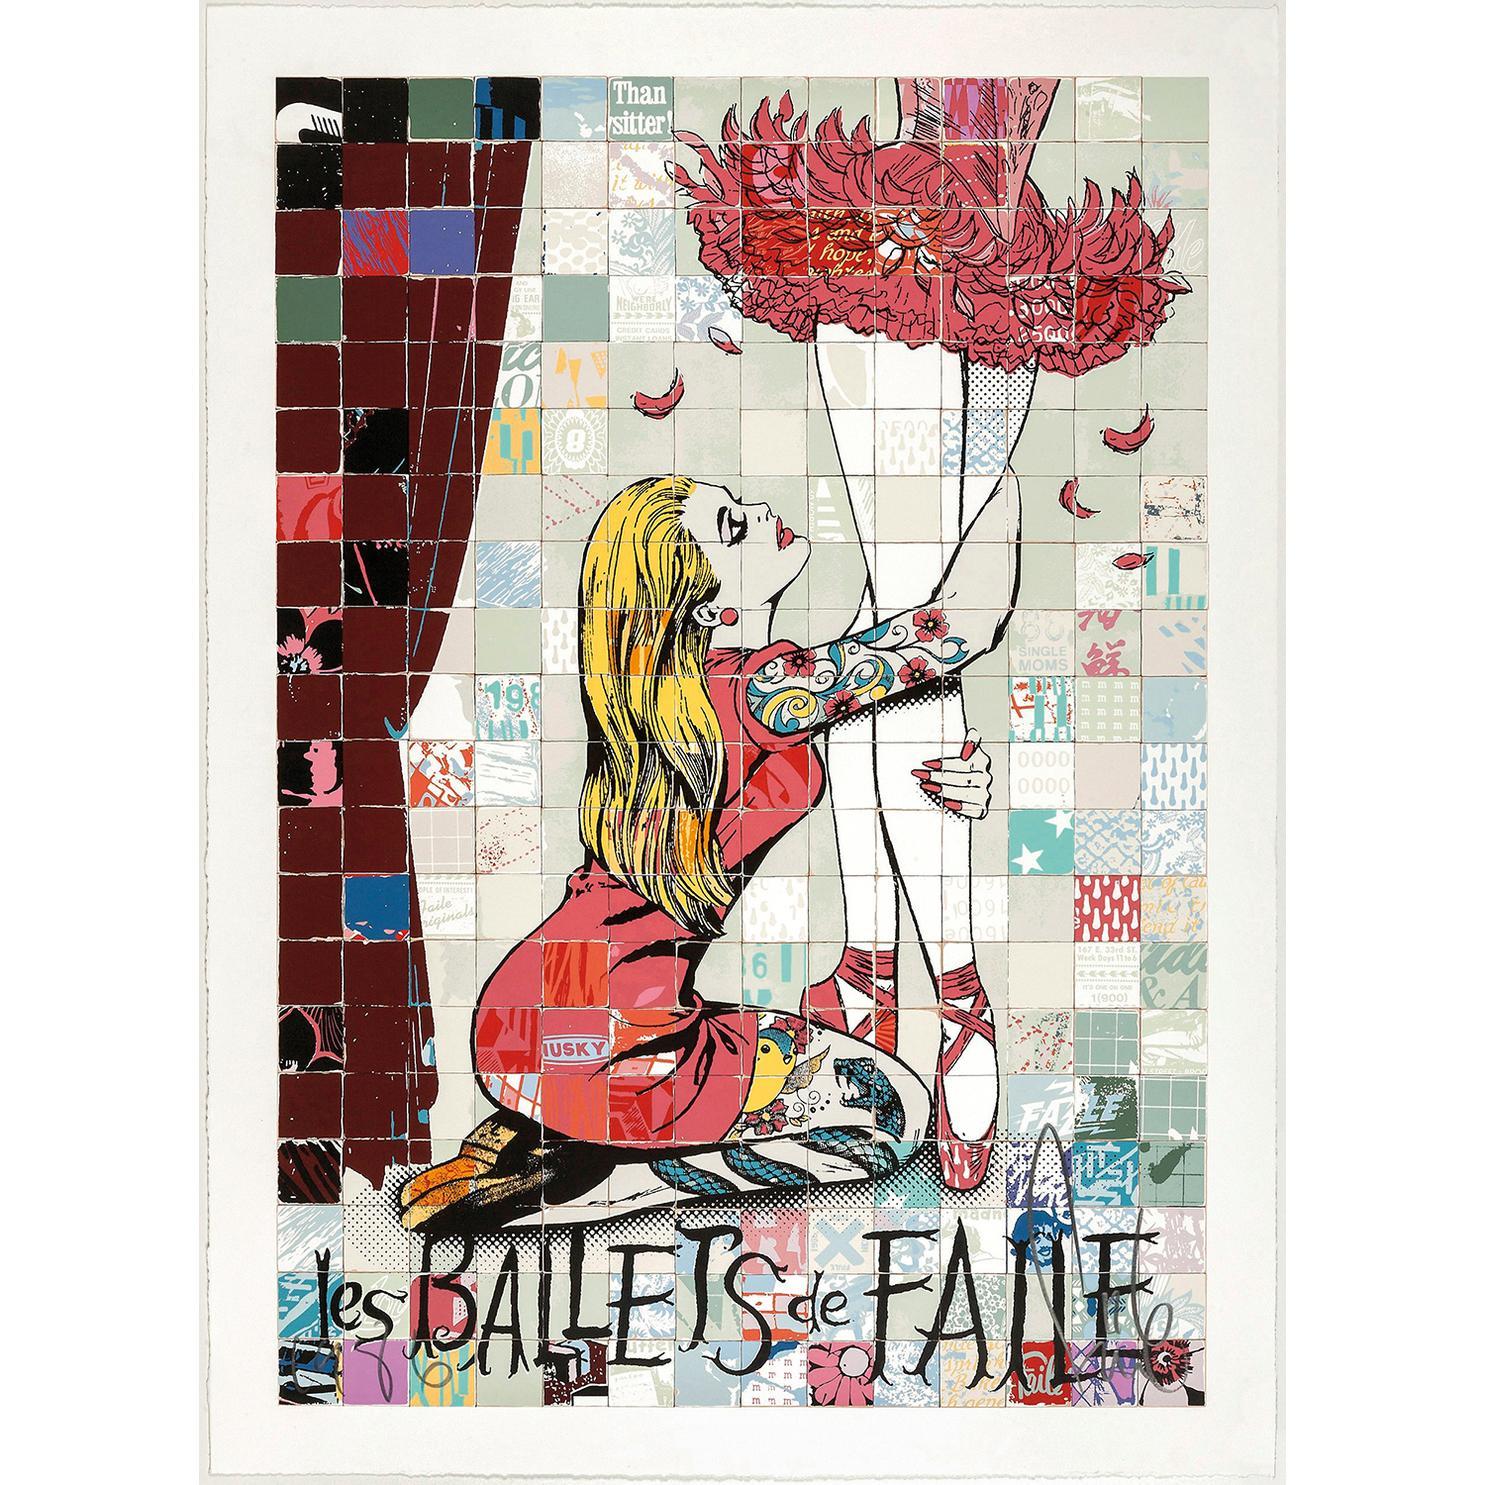 Faile-Les Ballets De Faile Nyc-2013